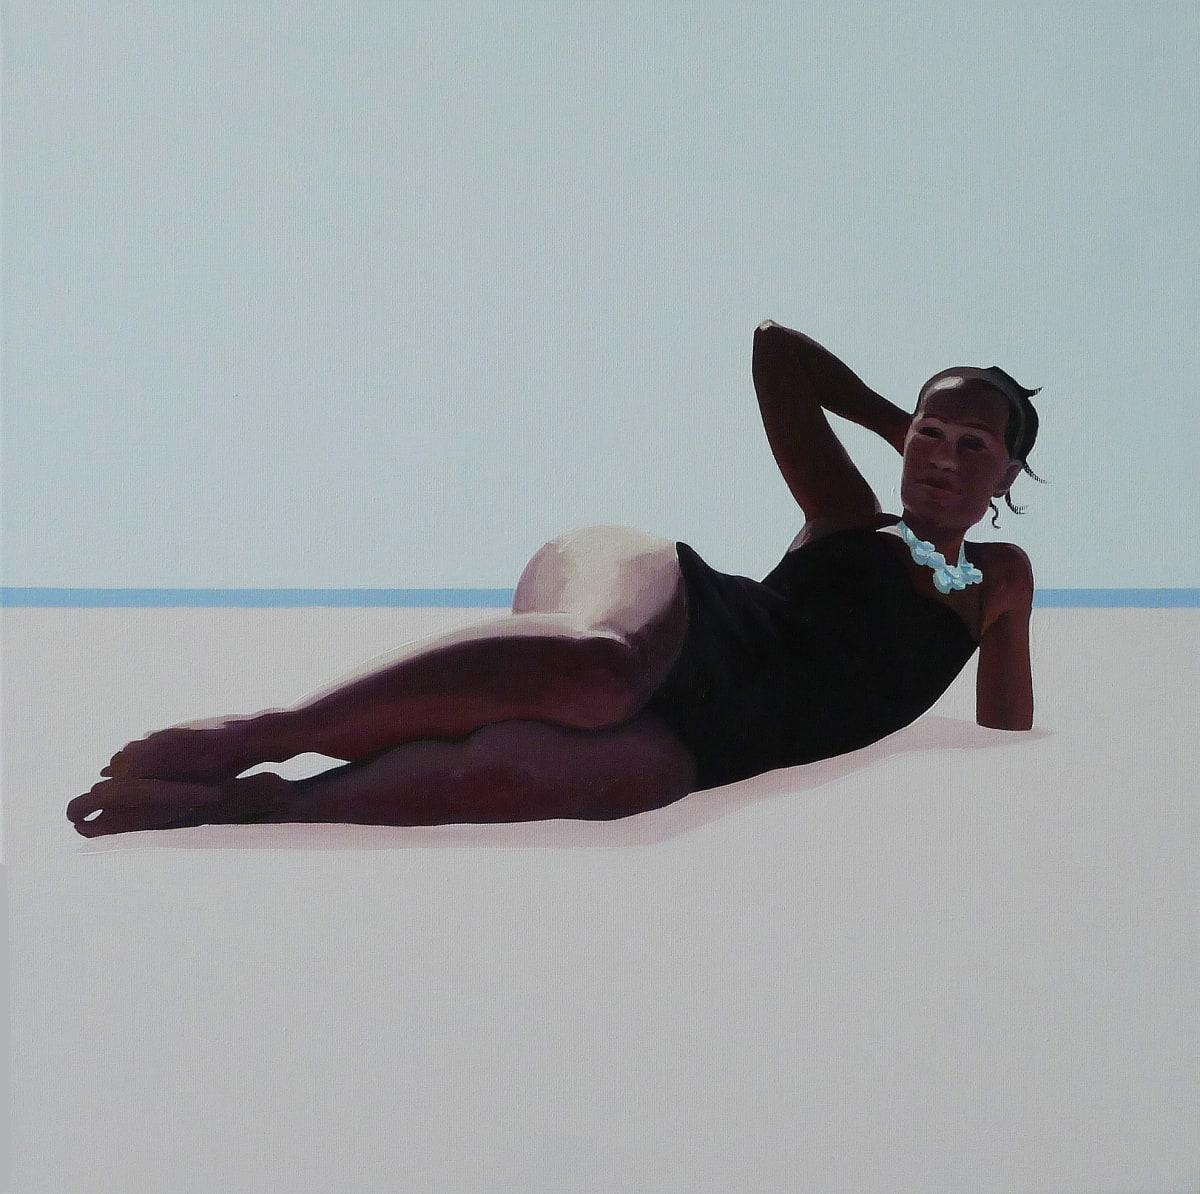 Julita Malinowska Venus I , 2011 Oil on Canvas 50 x 50 cm 19 3/4 x 19 3/4 in